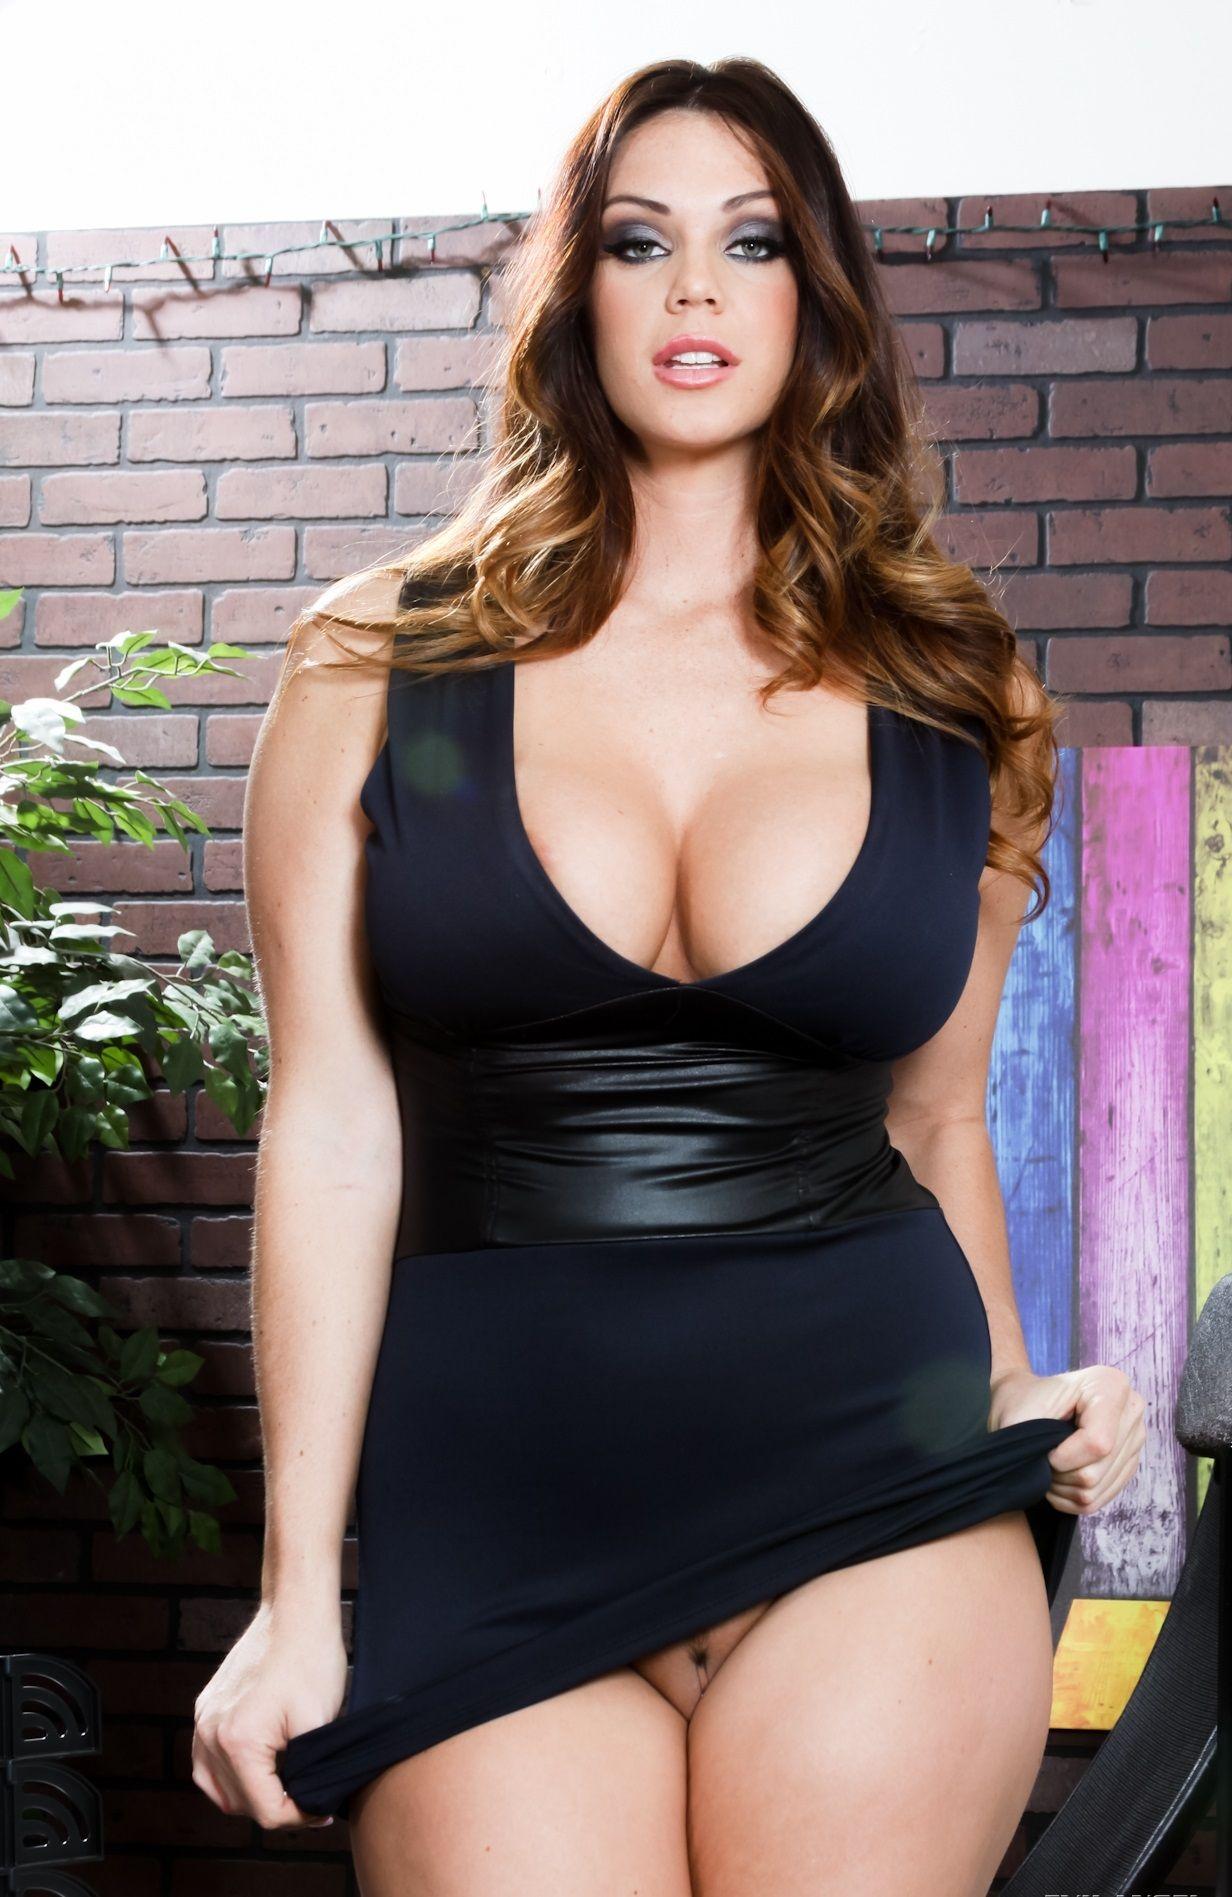 Sarah alexander nude